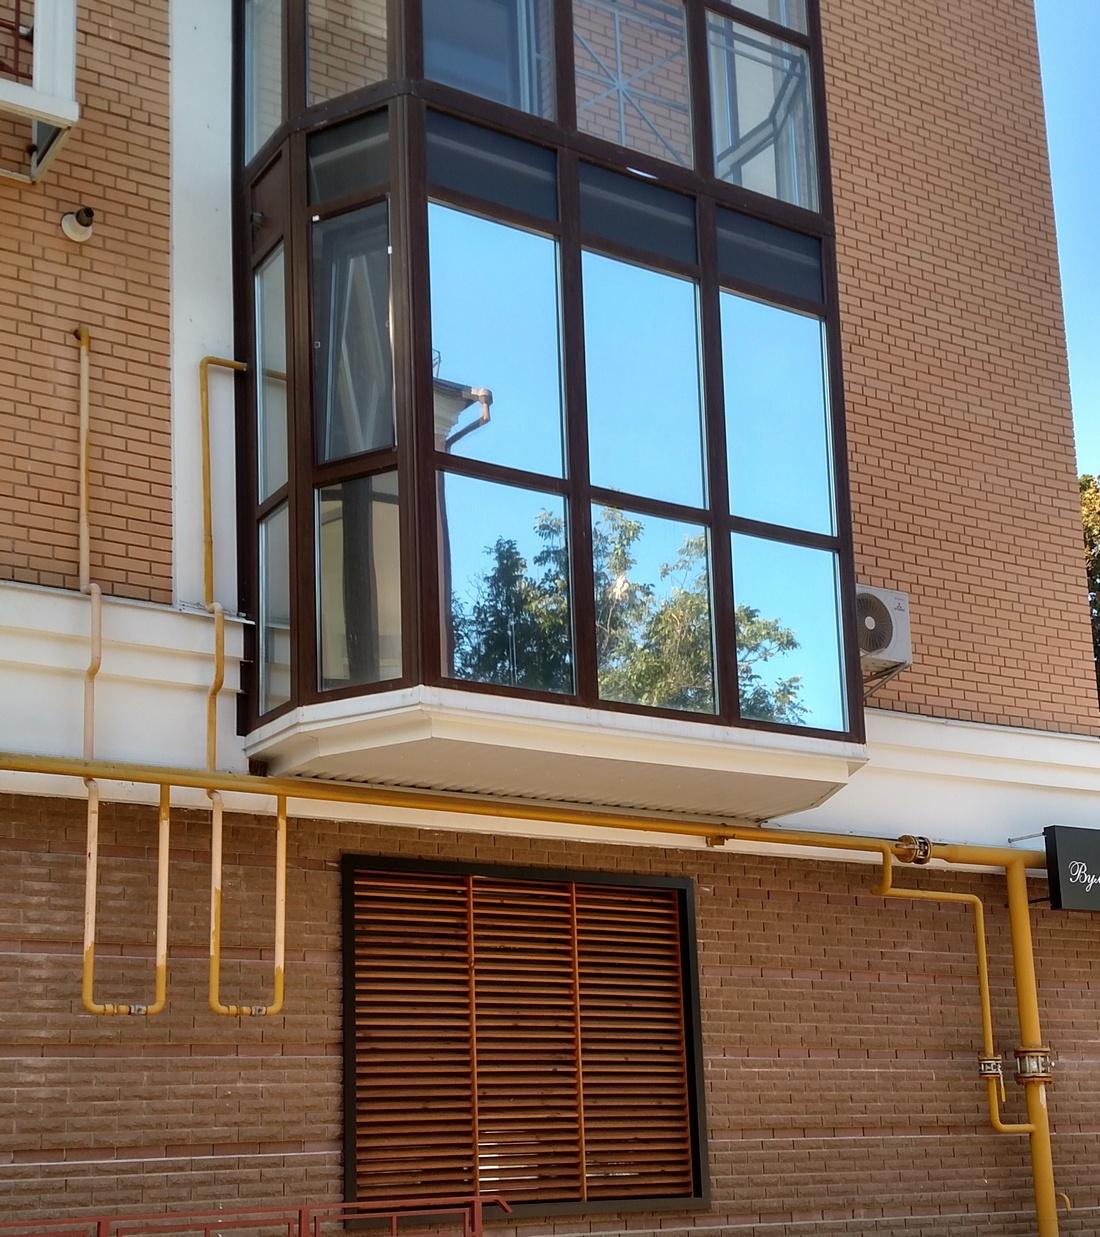 слушатели всегда балконы с зеркальным стеклом фото если